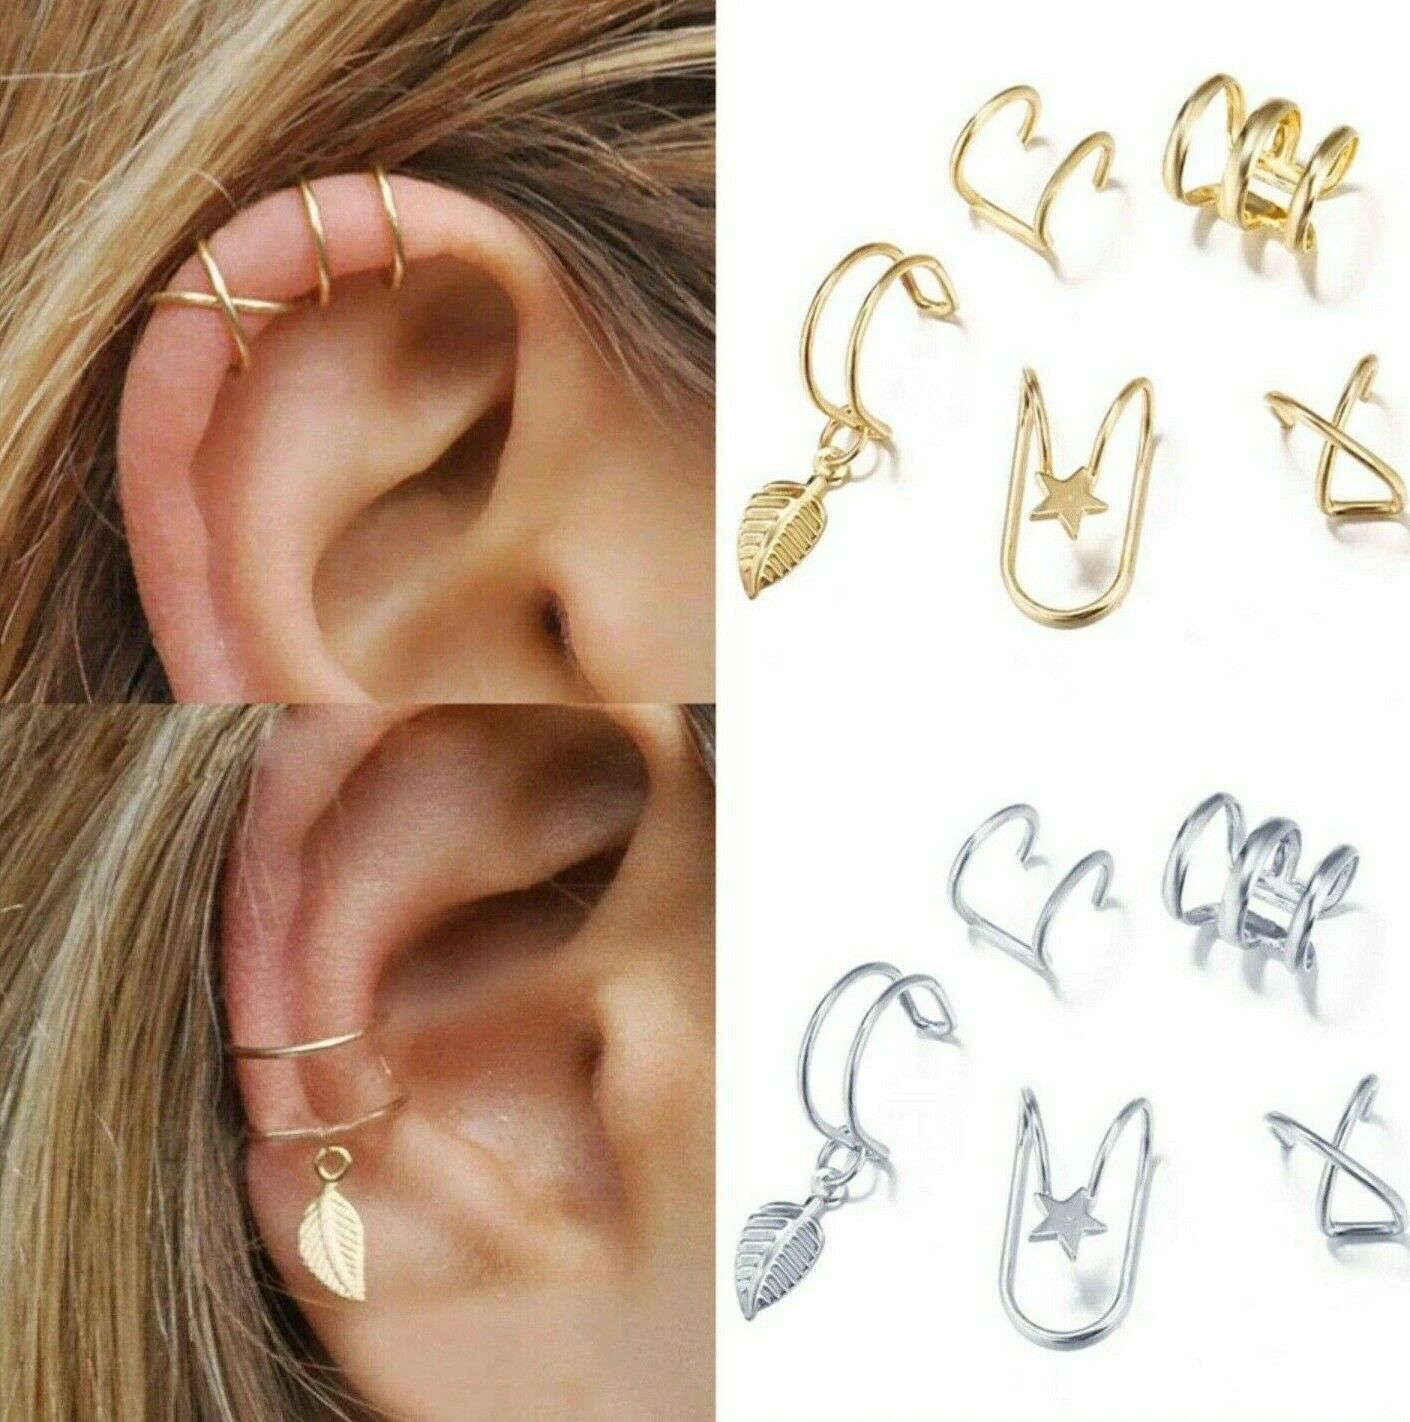 Damen Ohrring Ohrstecker Ohrclip Ohrklemme Ohrschmuck Set Gold Silber Ohrenclips